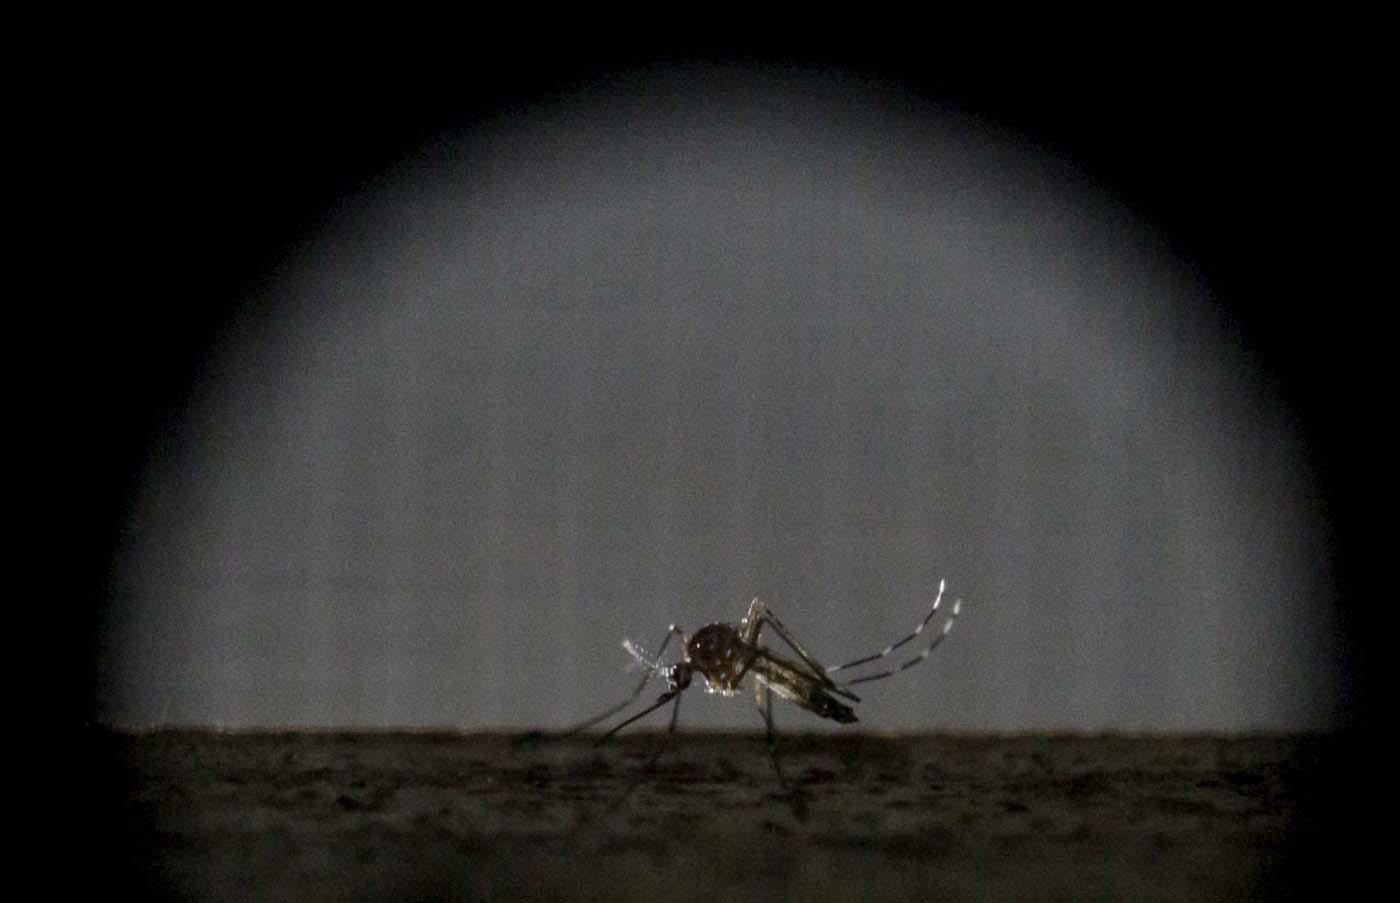 Foto del jueves de una hembra del mosquito Aedes aegypti en un área de investigación en el Departamento de Salud Pública de Guatemala. Ene 28, 2016. Compañías y científicos están en una carrera contrarreloj para crear una vacuna contra el Zika, porque crece el temor a que el virus transmitido por un mosquito, y que ha sido ligado a severas malformaciones de nacimiento, se propague rápidamente por América. REUTERS/Josue Decavele